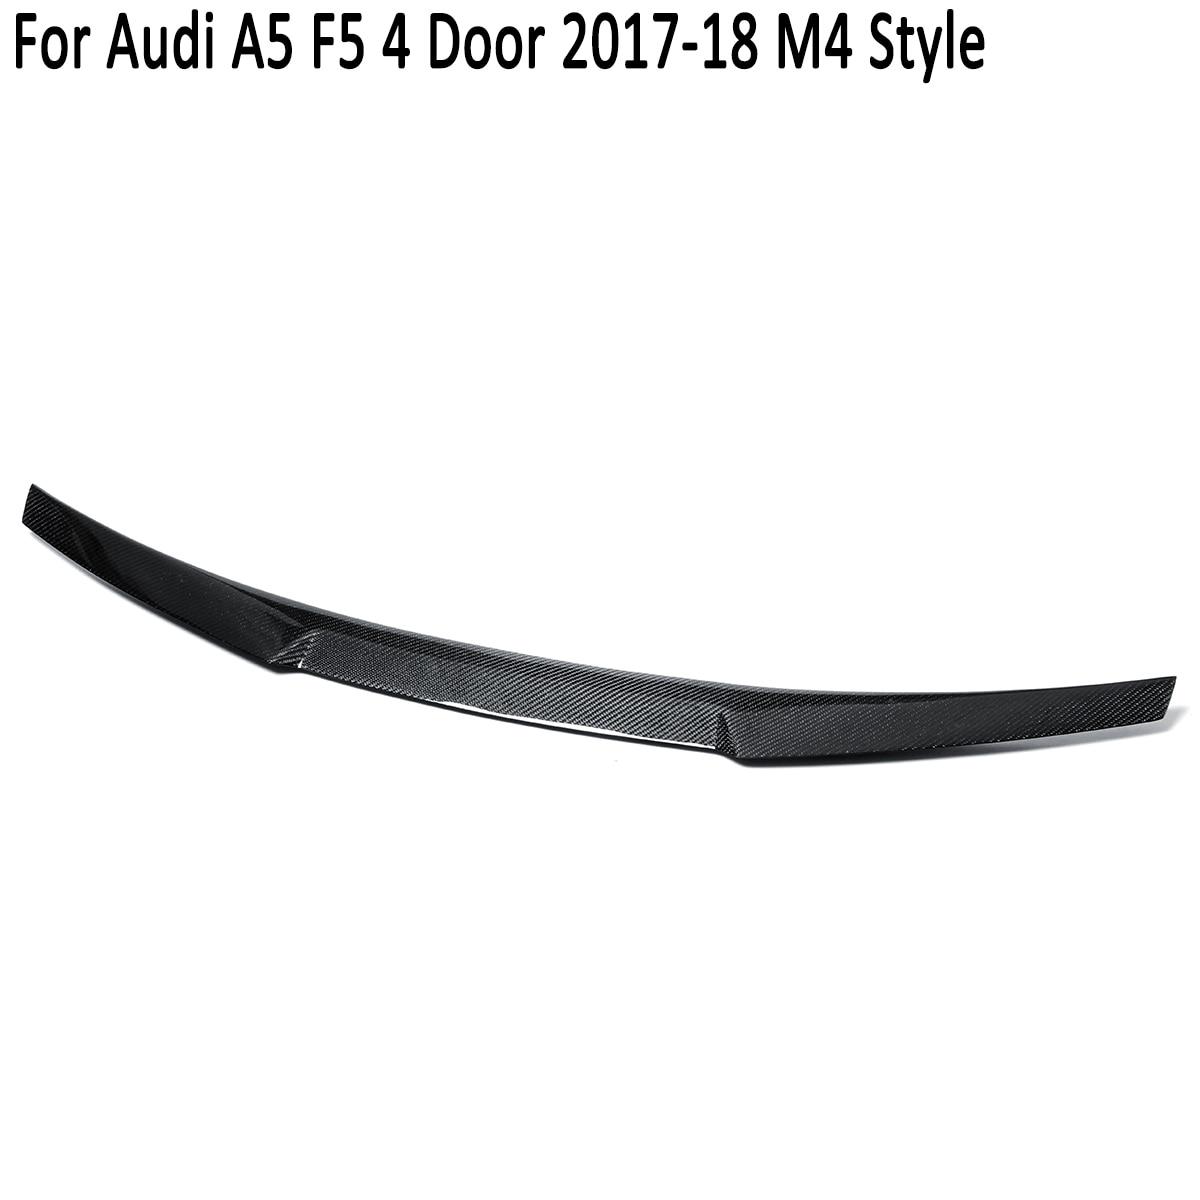 Pour Audi A5 F5 Sportback 4 portes 2017 2018 M4 Style complet en Fiber de carbone coffre arrière becquet aile coffre coffre couvercle